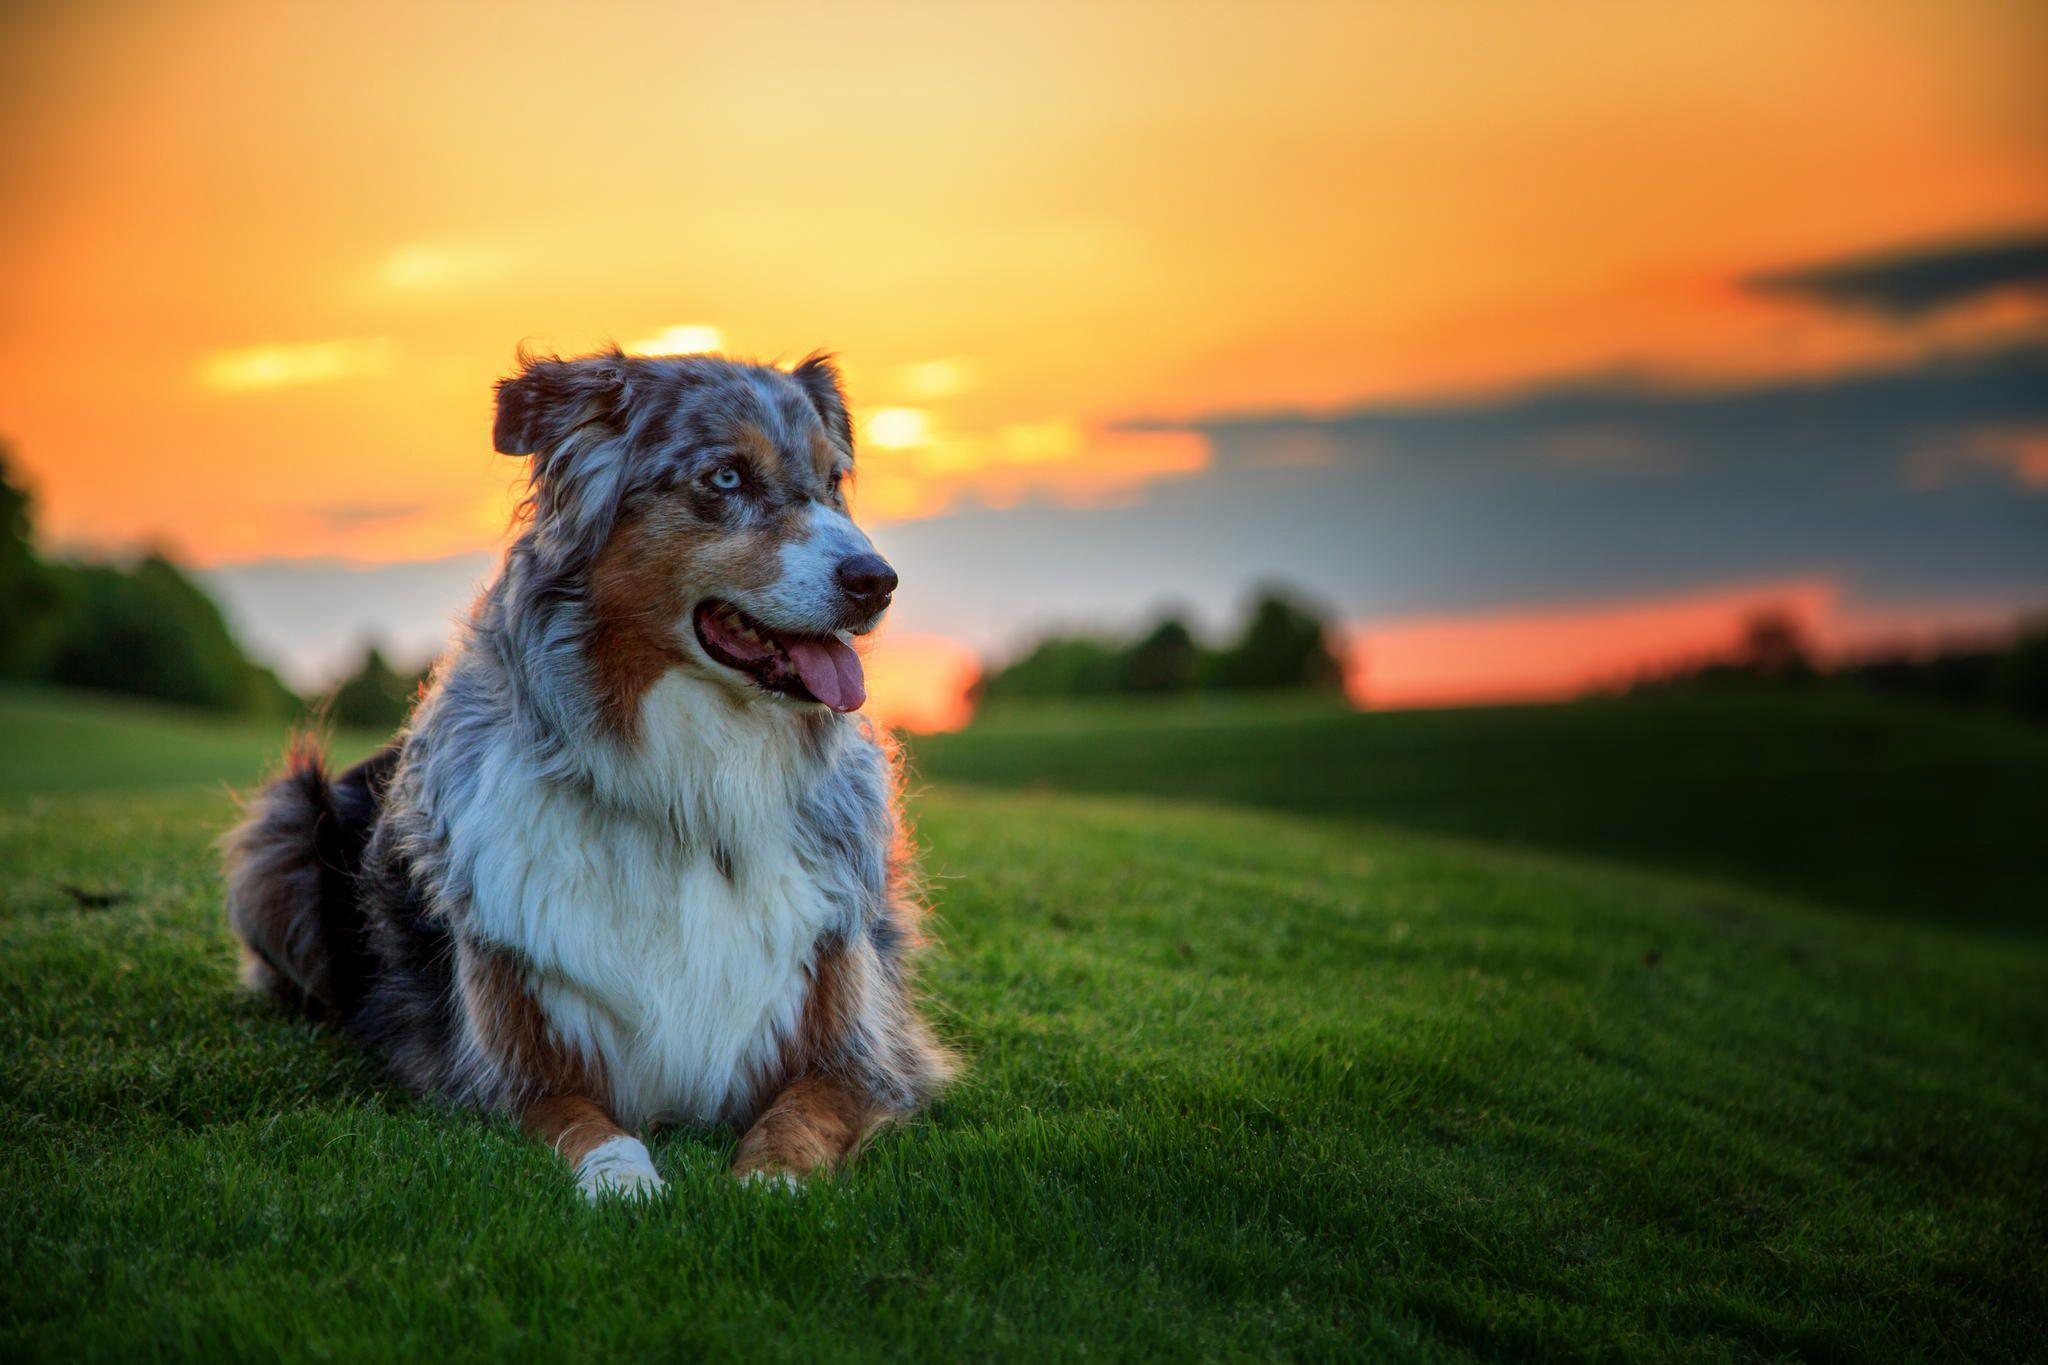 4K Dog Wallpapers - Top Free 4K Dog ...